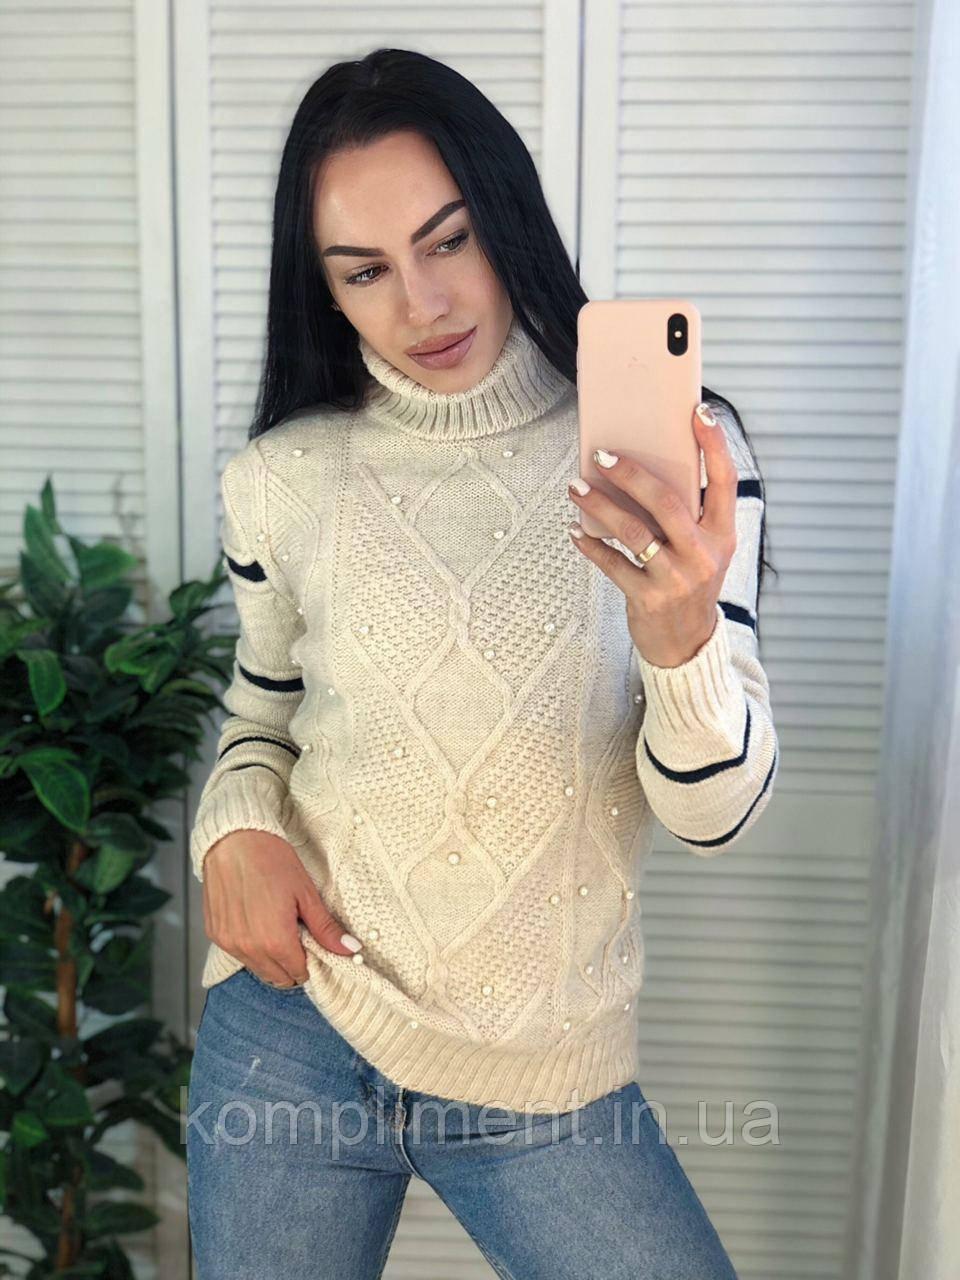 Женский теплый вязаный свитер с полосками под горло,молоко. Производство Турция.